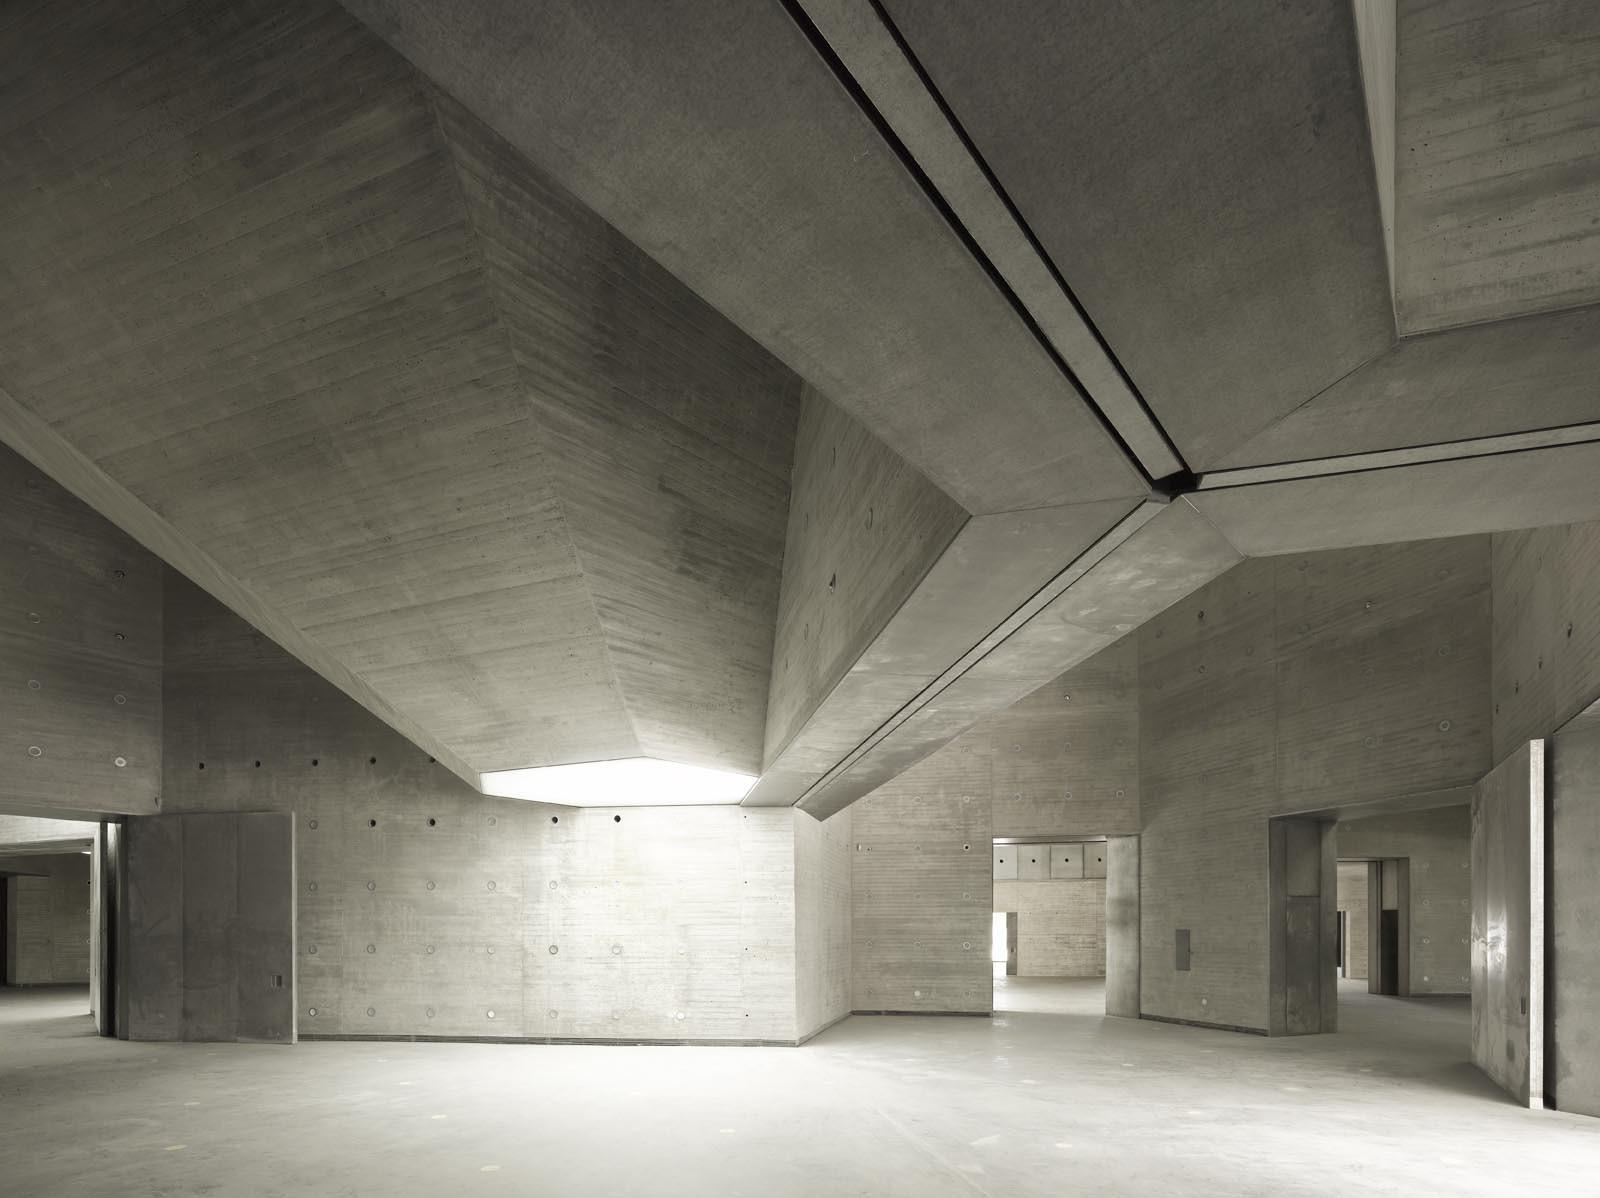 Gallery Of Contemporary Arts Center C 243 Rdoba Nieto